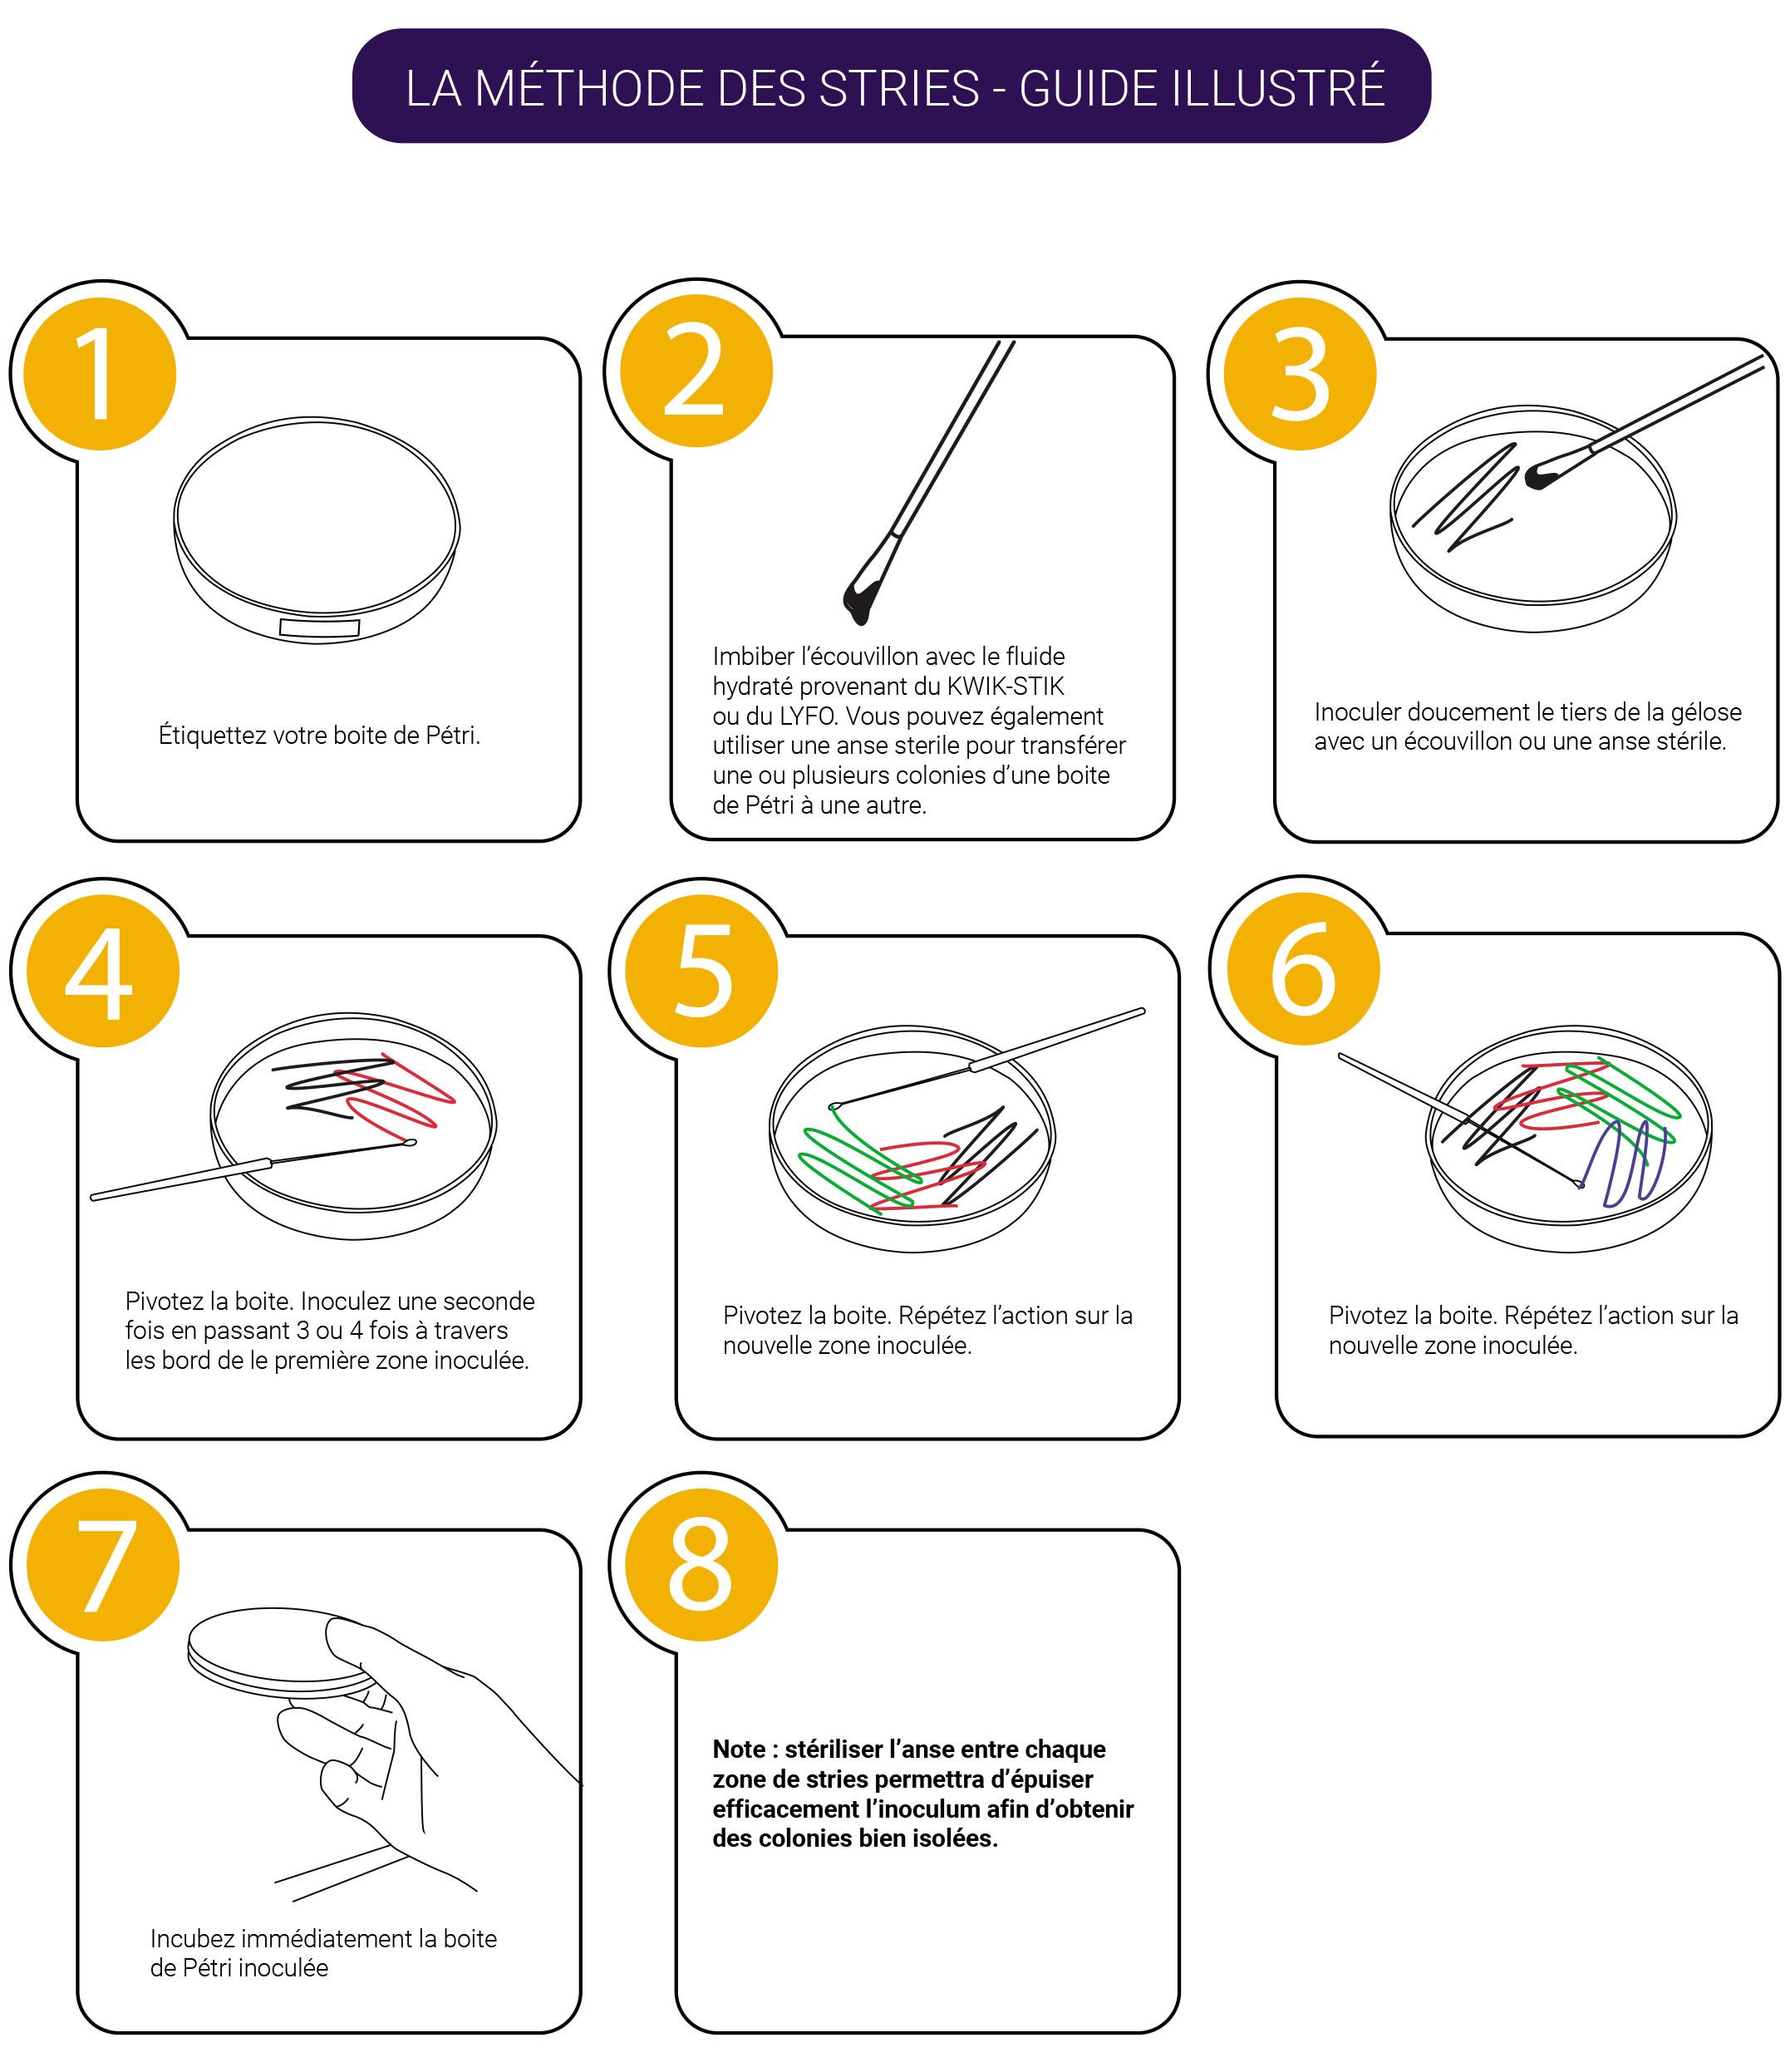 la méthode des stries - guide illustré